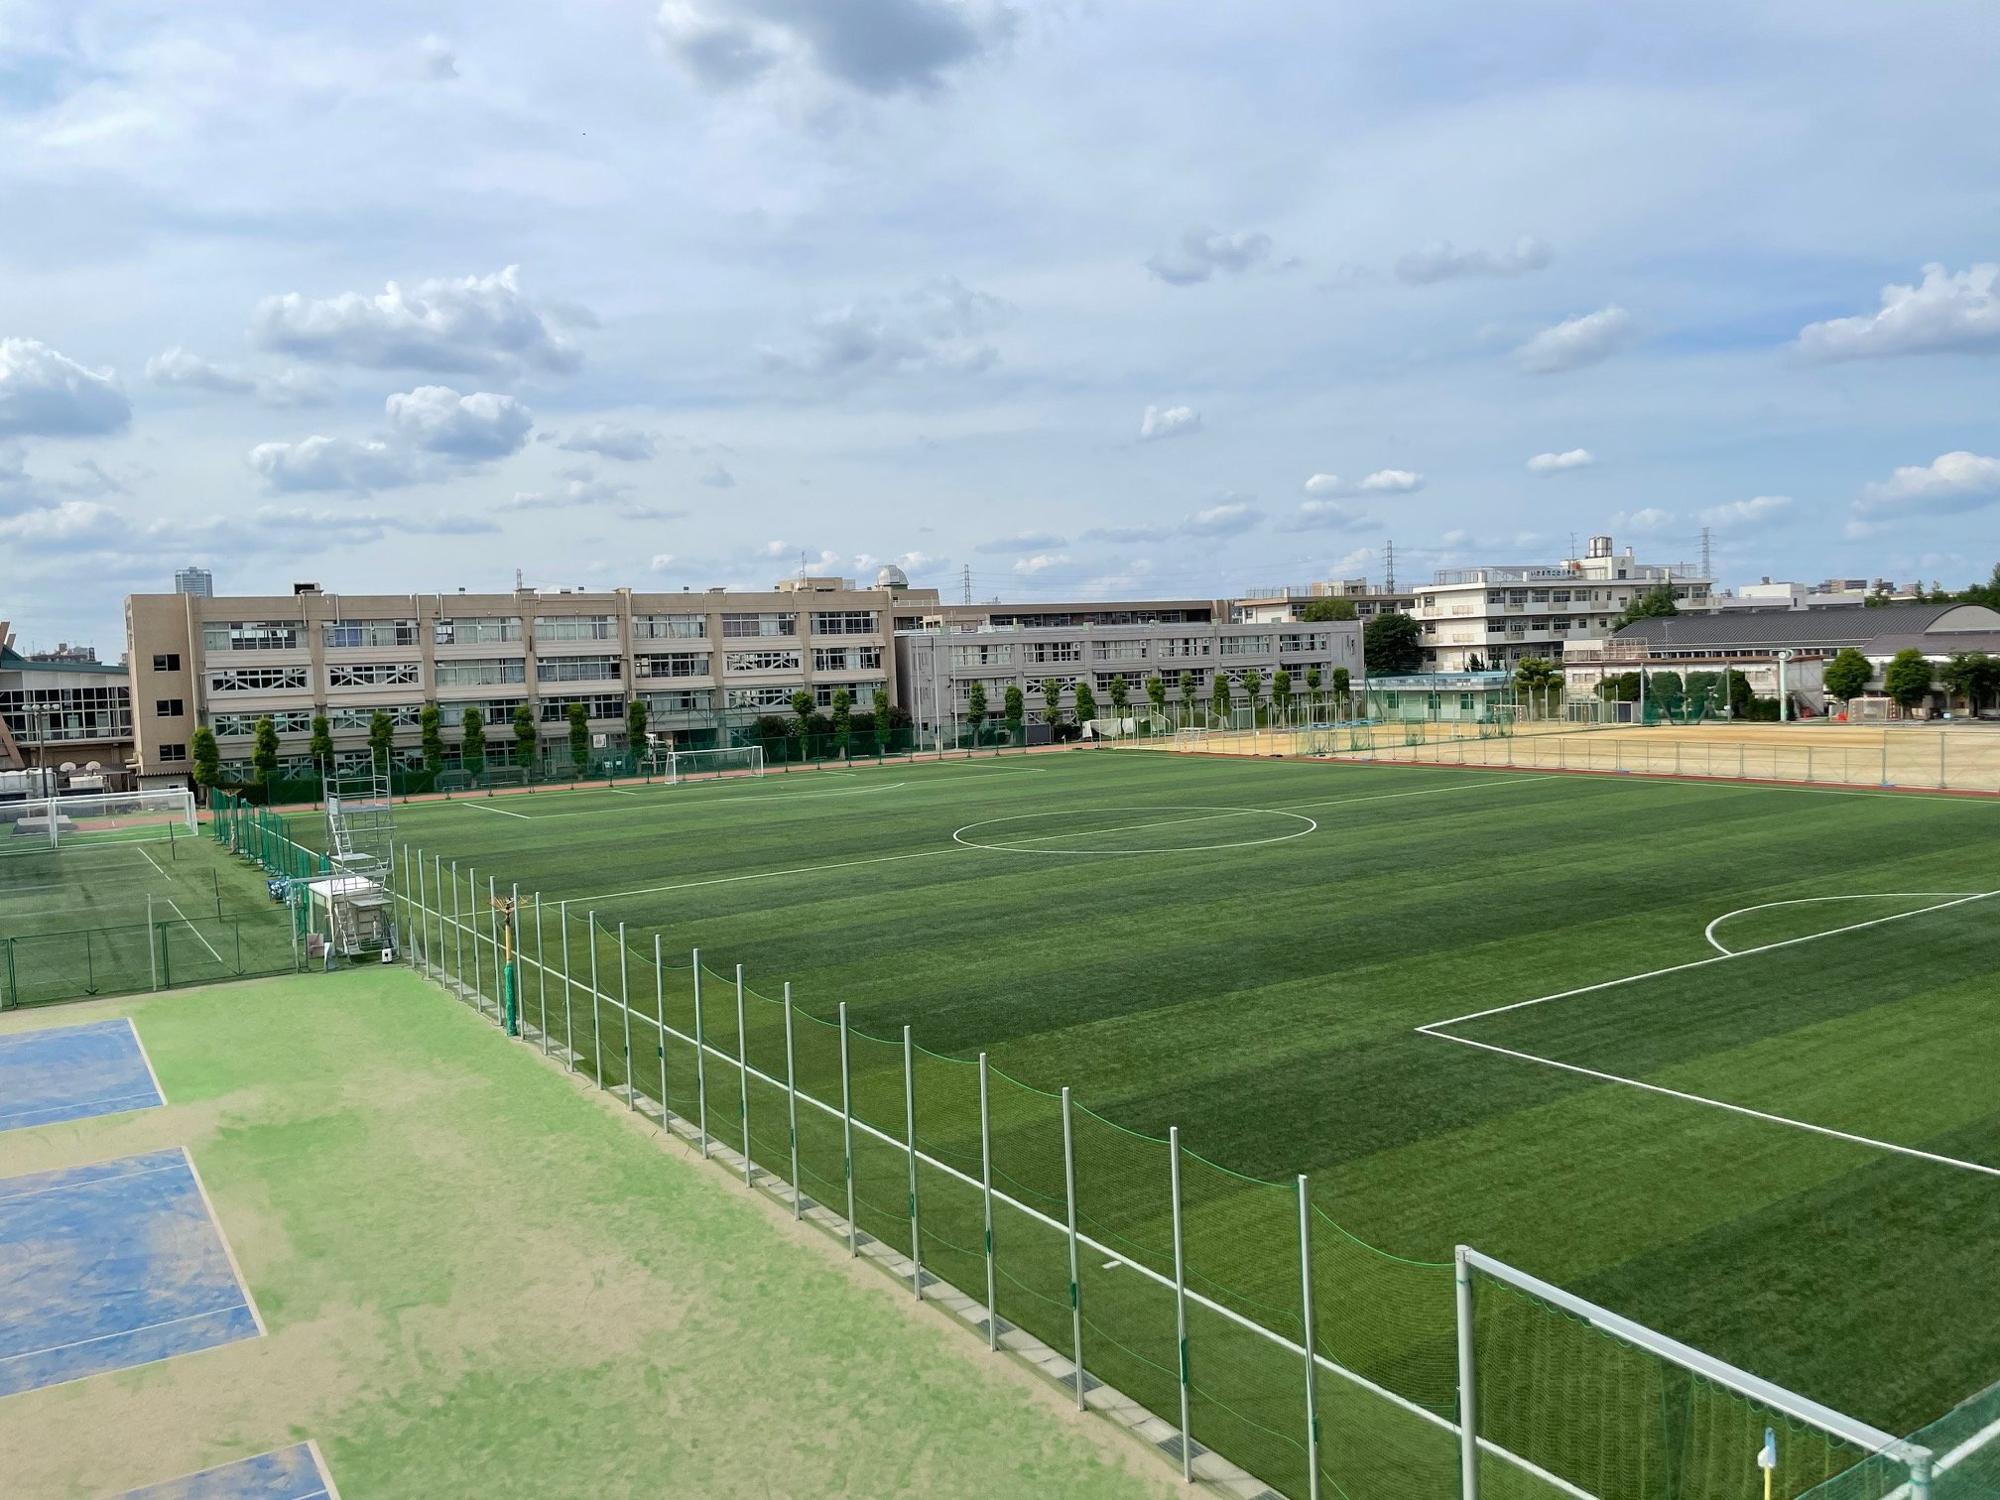 2017年には、グラウンドが埼玉県内公立高校初の人工芝化された